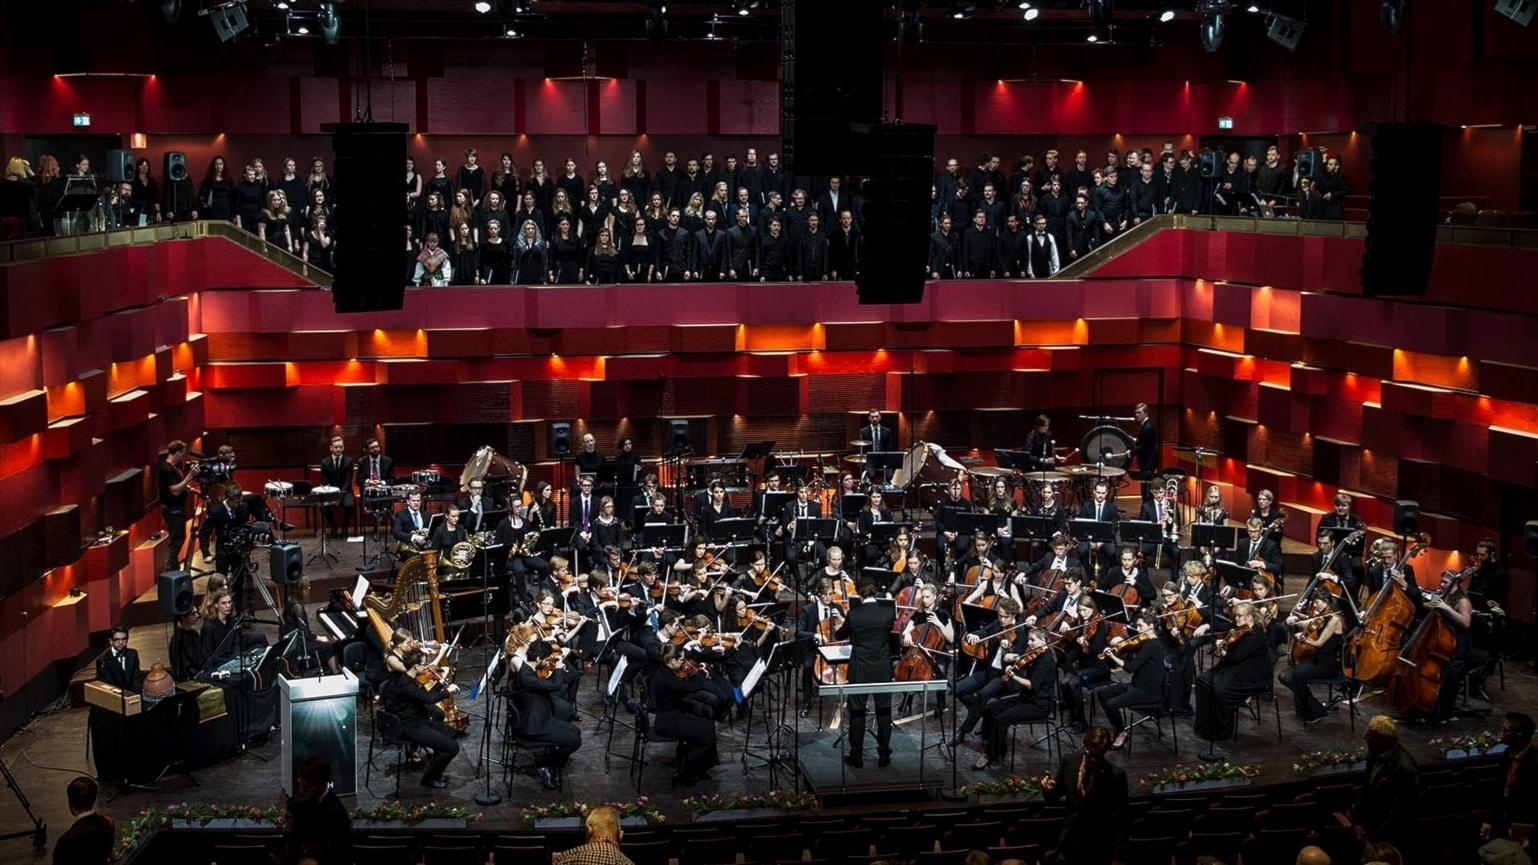 INVIGNINGSKONSERT: Nya Kungliga Musikhögskolan